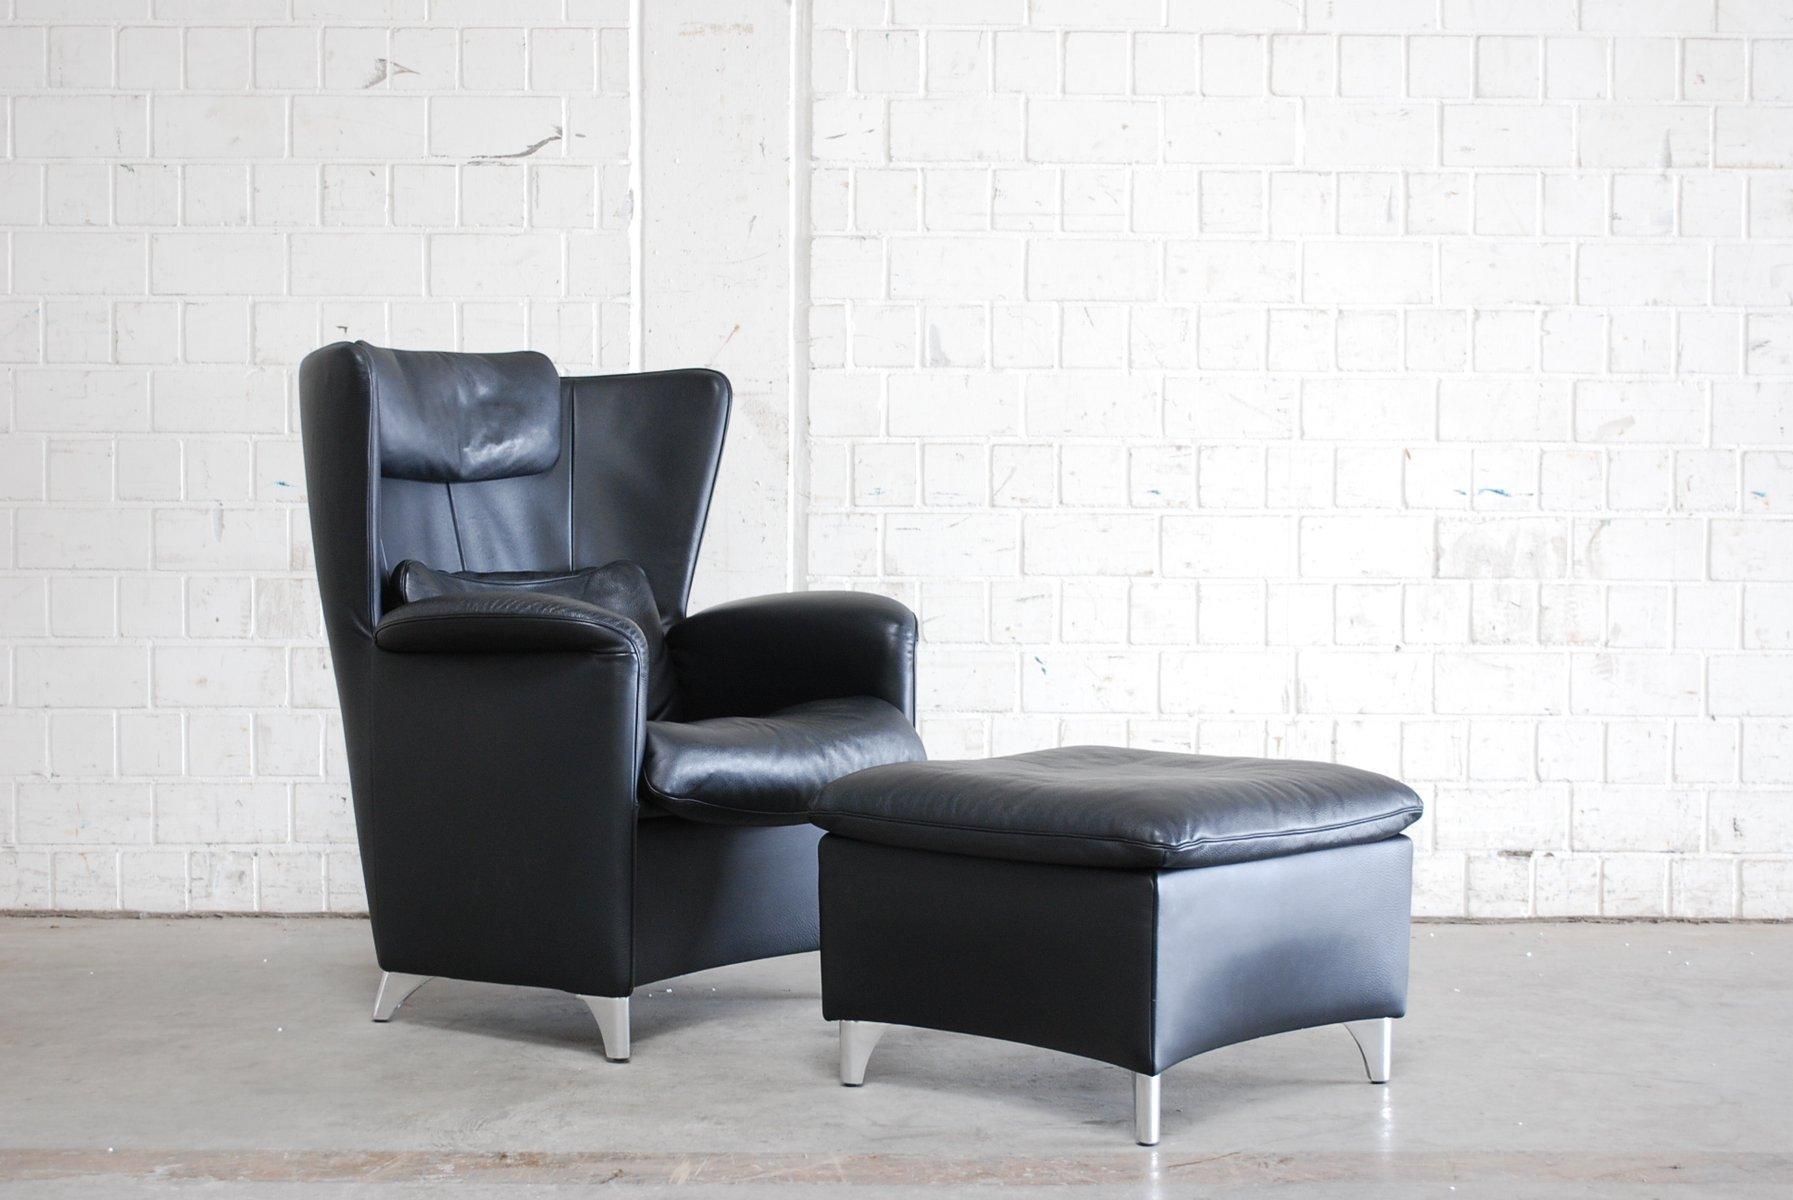 fauteuil oreilles et ottomane ds 23 en cuir noir par franz josef schulte pour de sede en vente. Black Bedroom Furniture Sets. Home Design Ideas